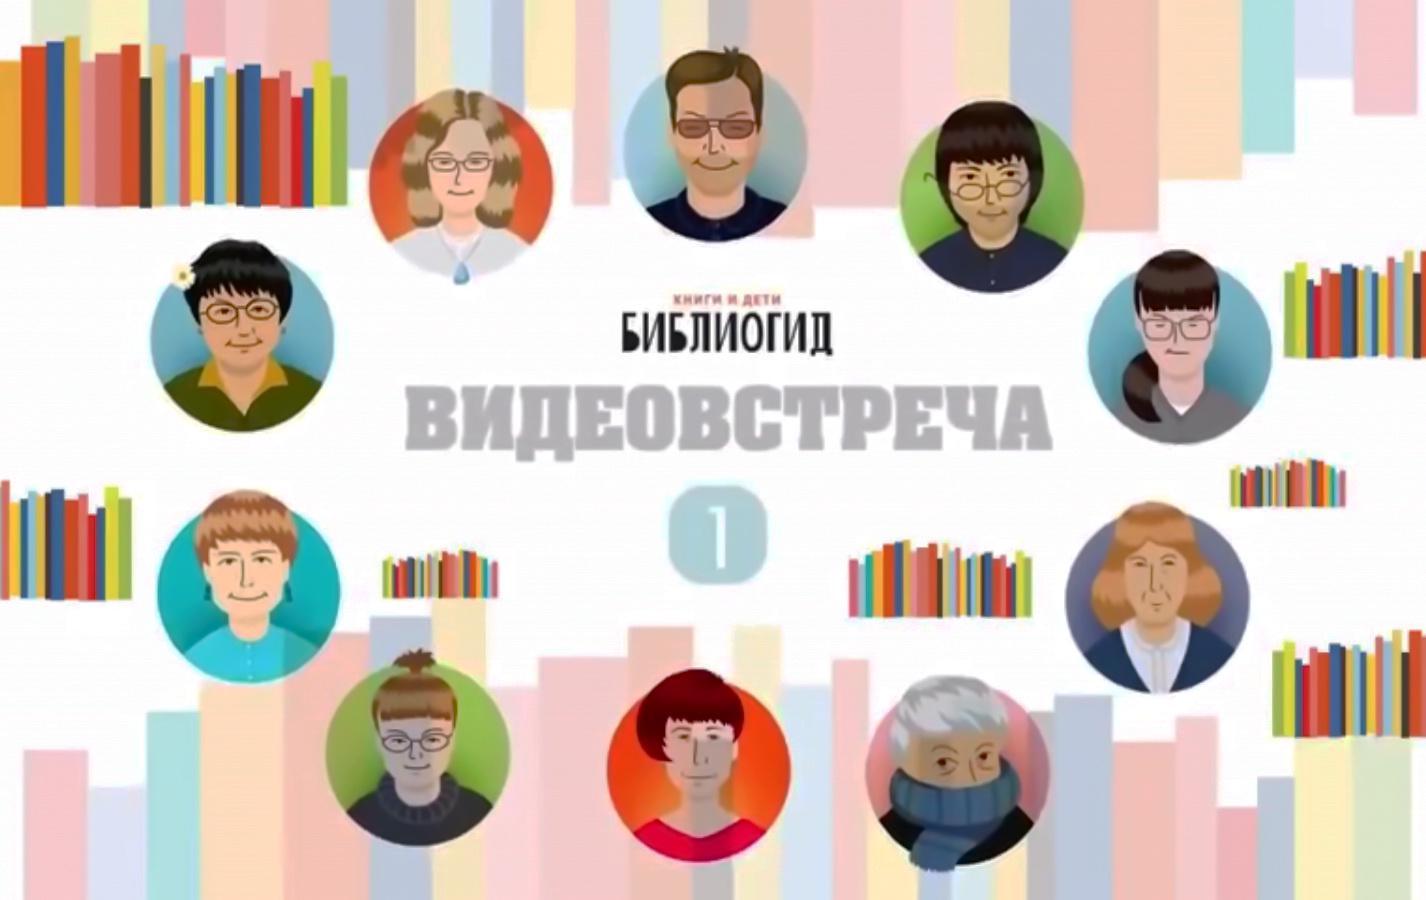 библиогид, видеовстреча, видео, лучшие детские книги, 2015, что почитать детям, РГБД